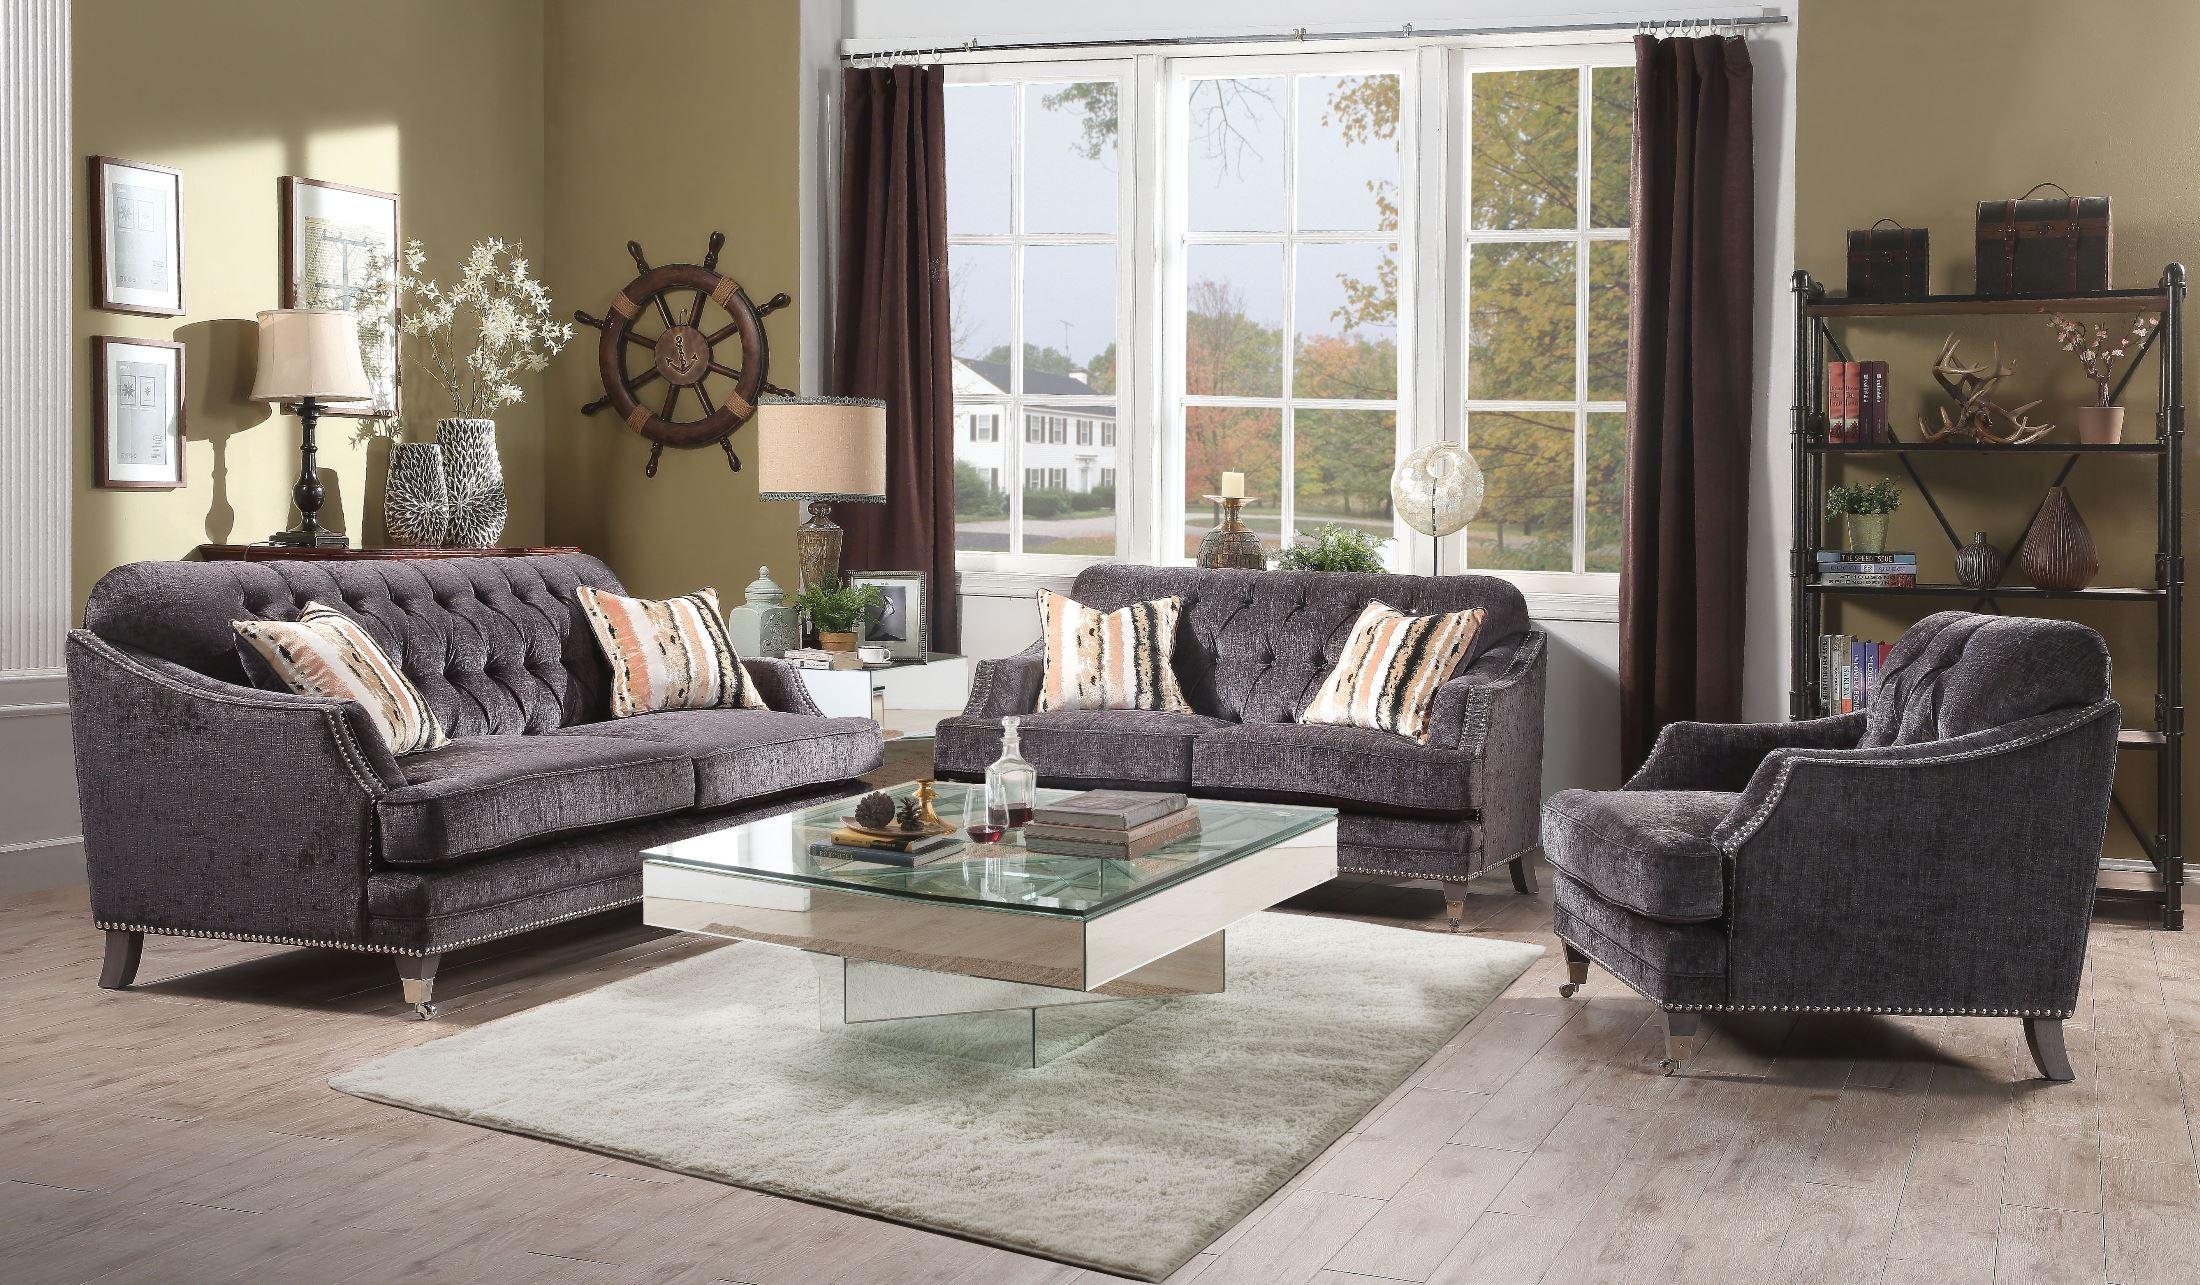 Helenium Gray Chenille Living Room Set